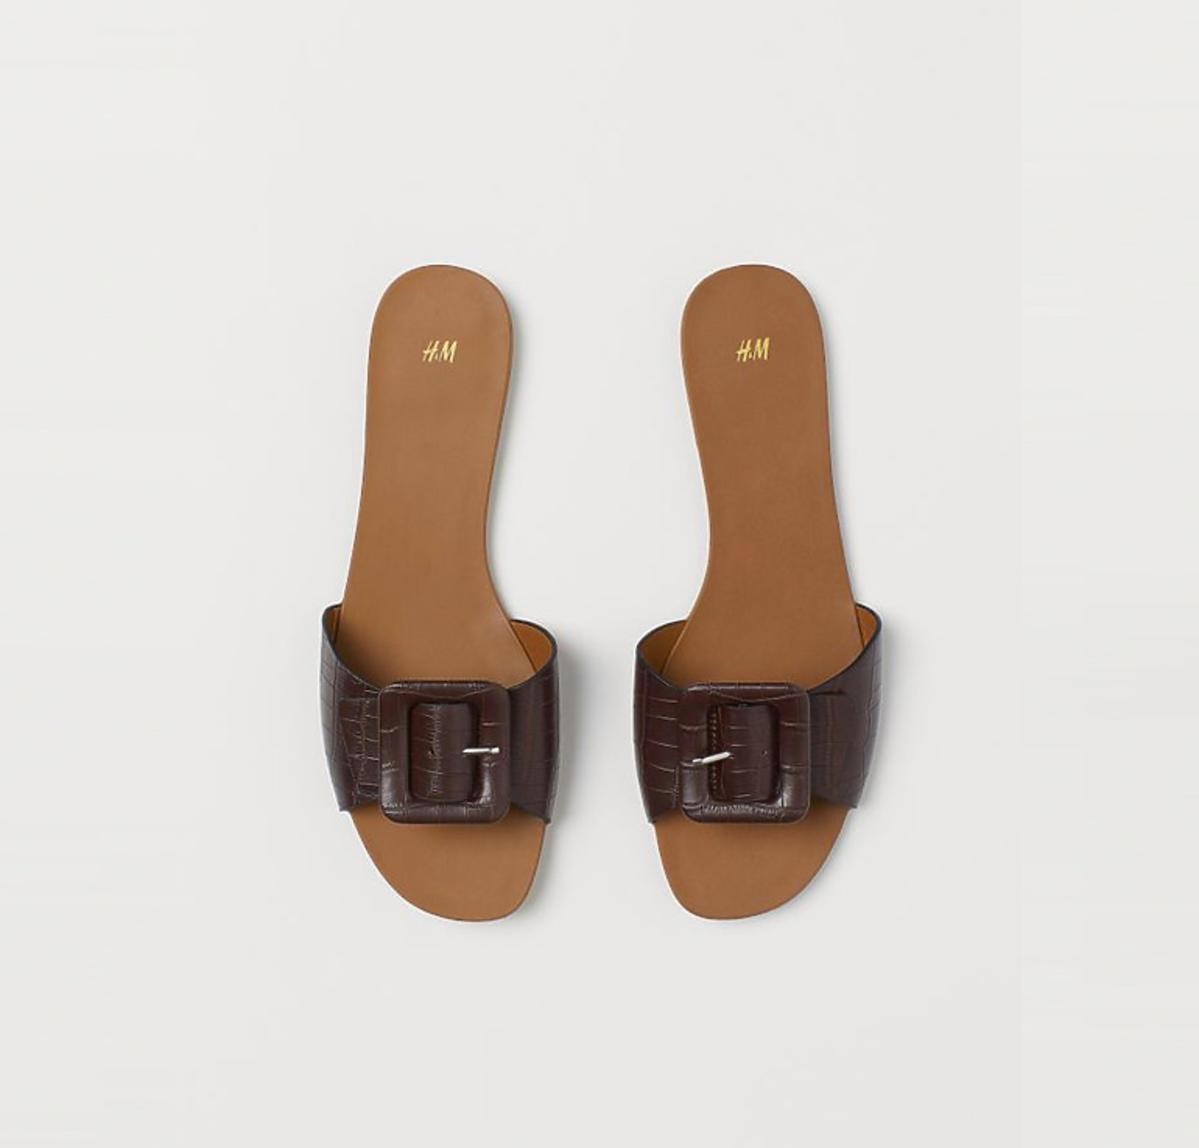 Brązowe klapki z H&M, 39,90 zł